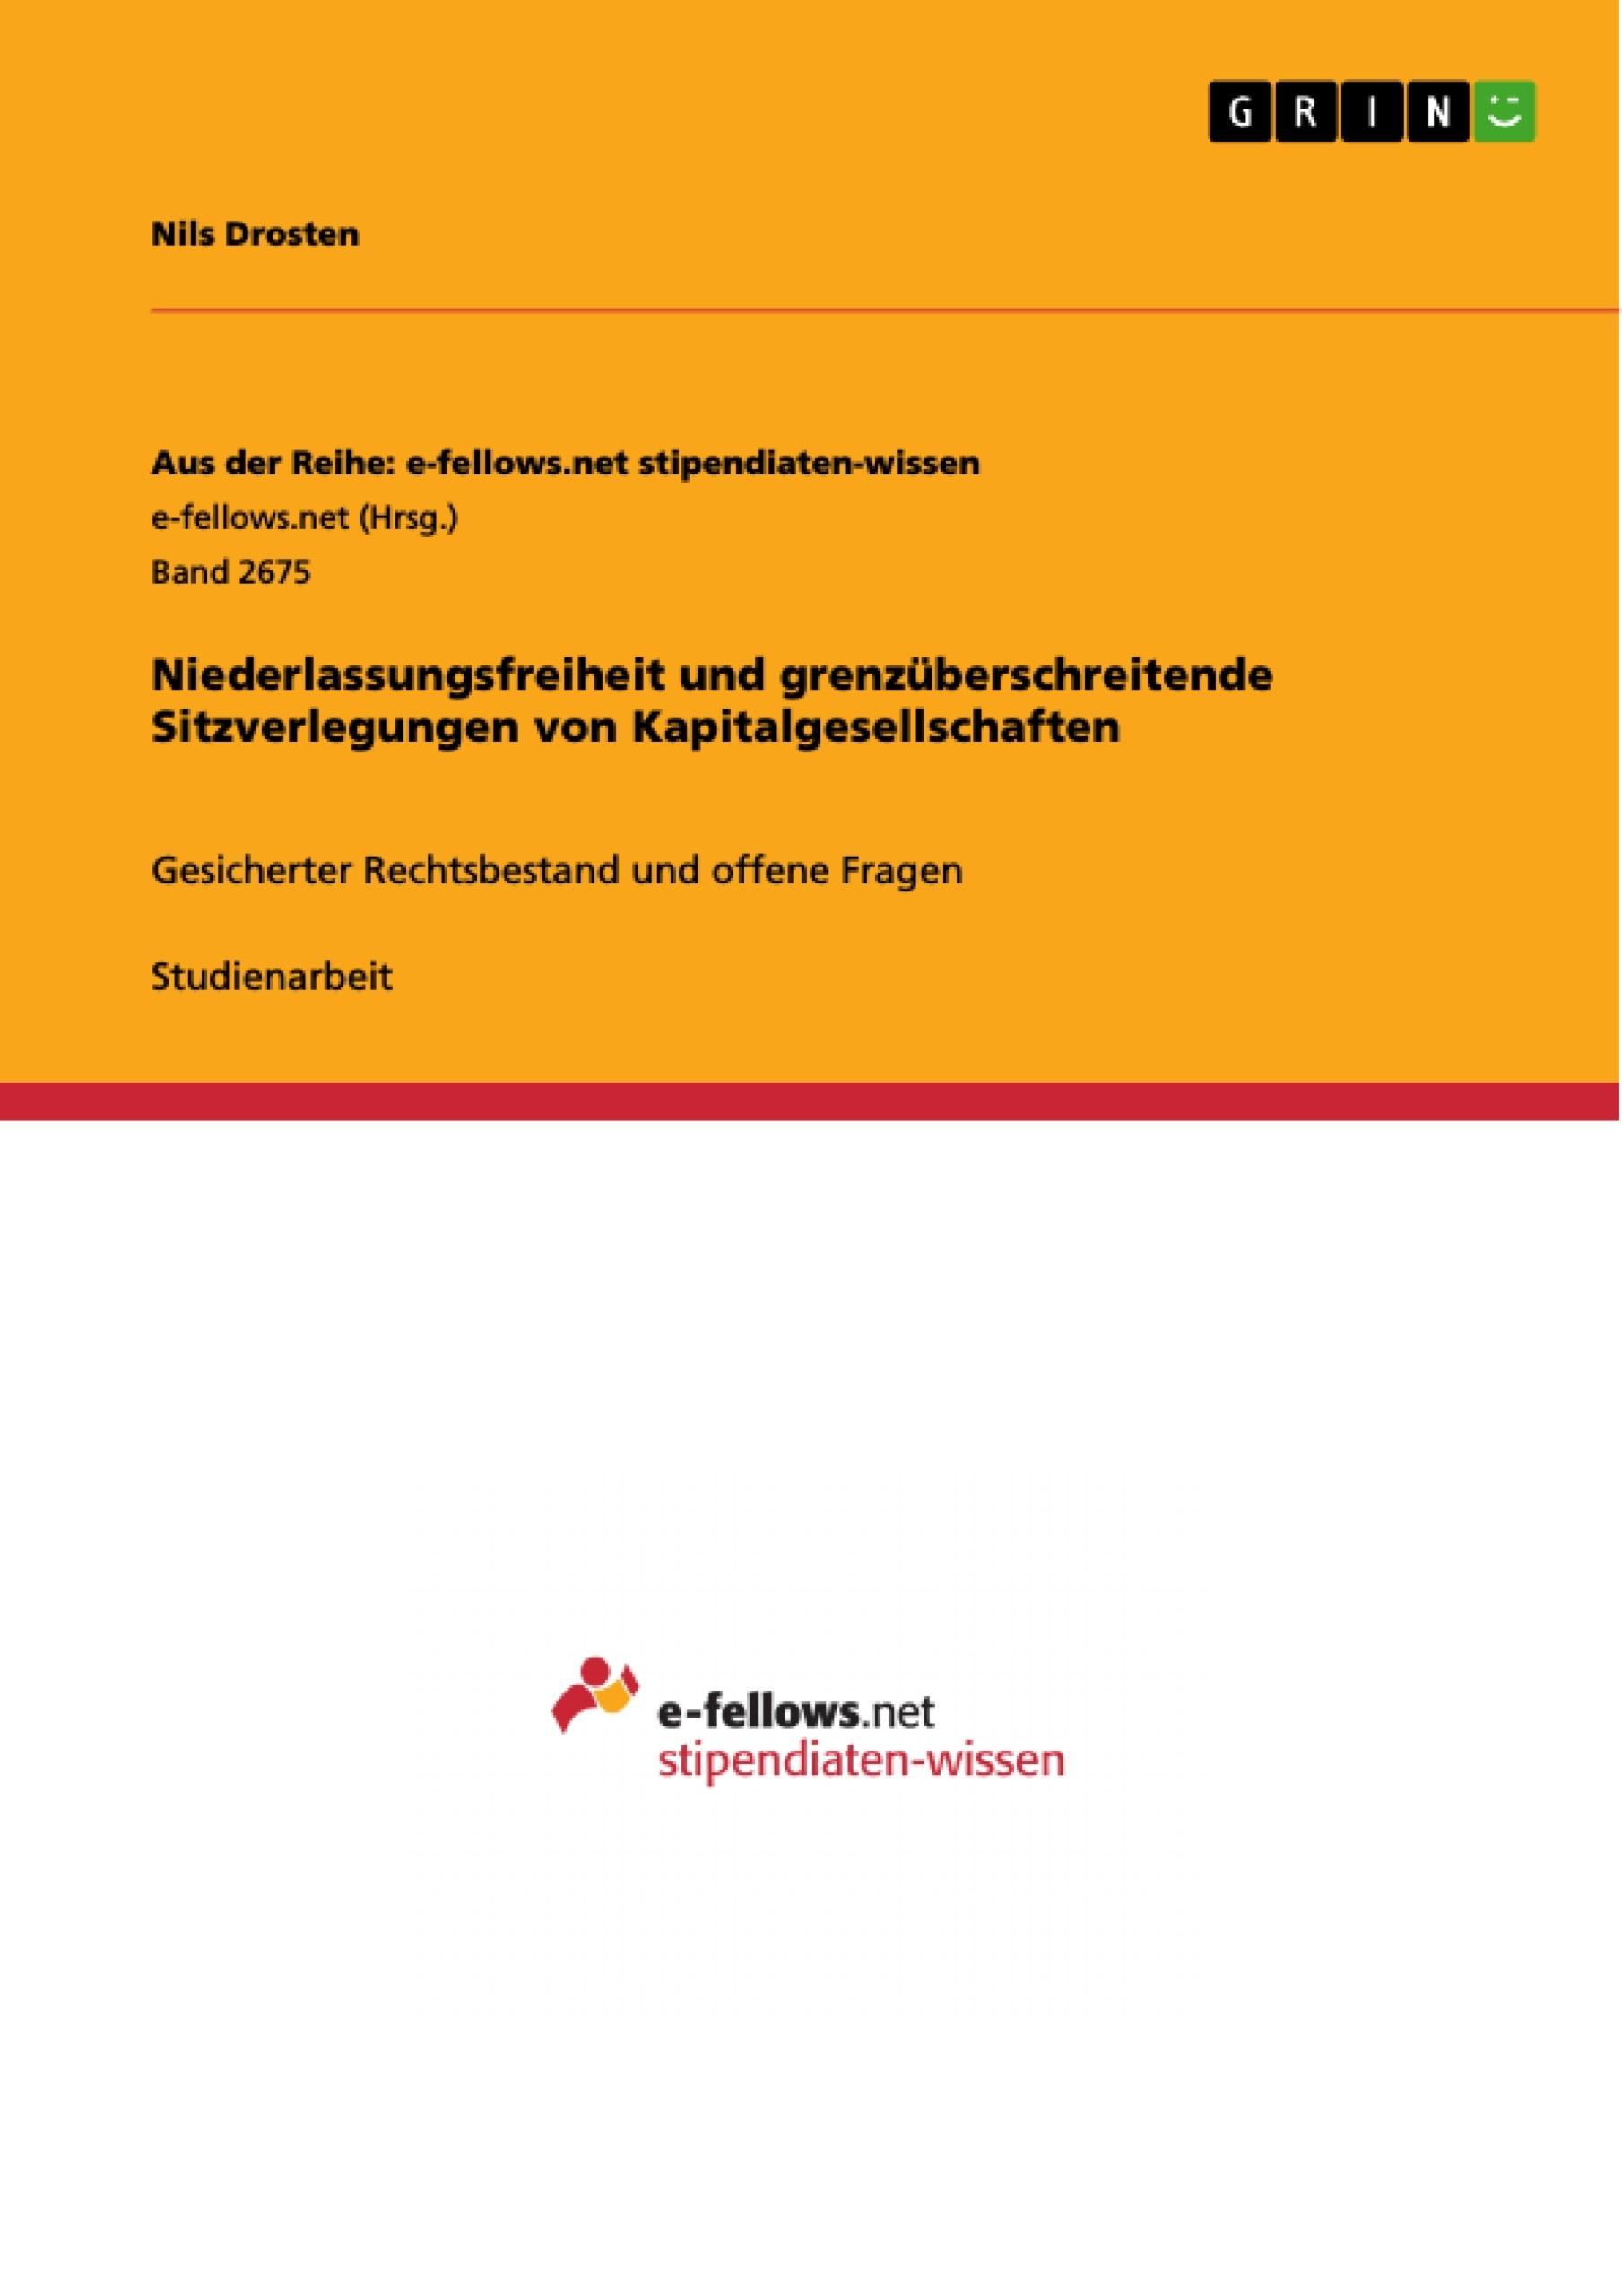 Titel: Niederlassungsfreiheit und grenzüberschreitende Sitzverlegungen von Kapitalgesellschaften